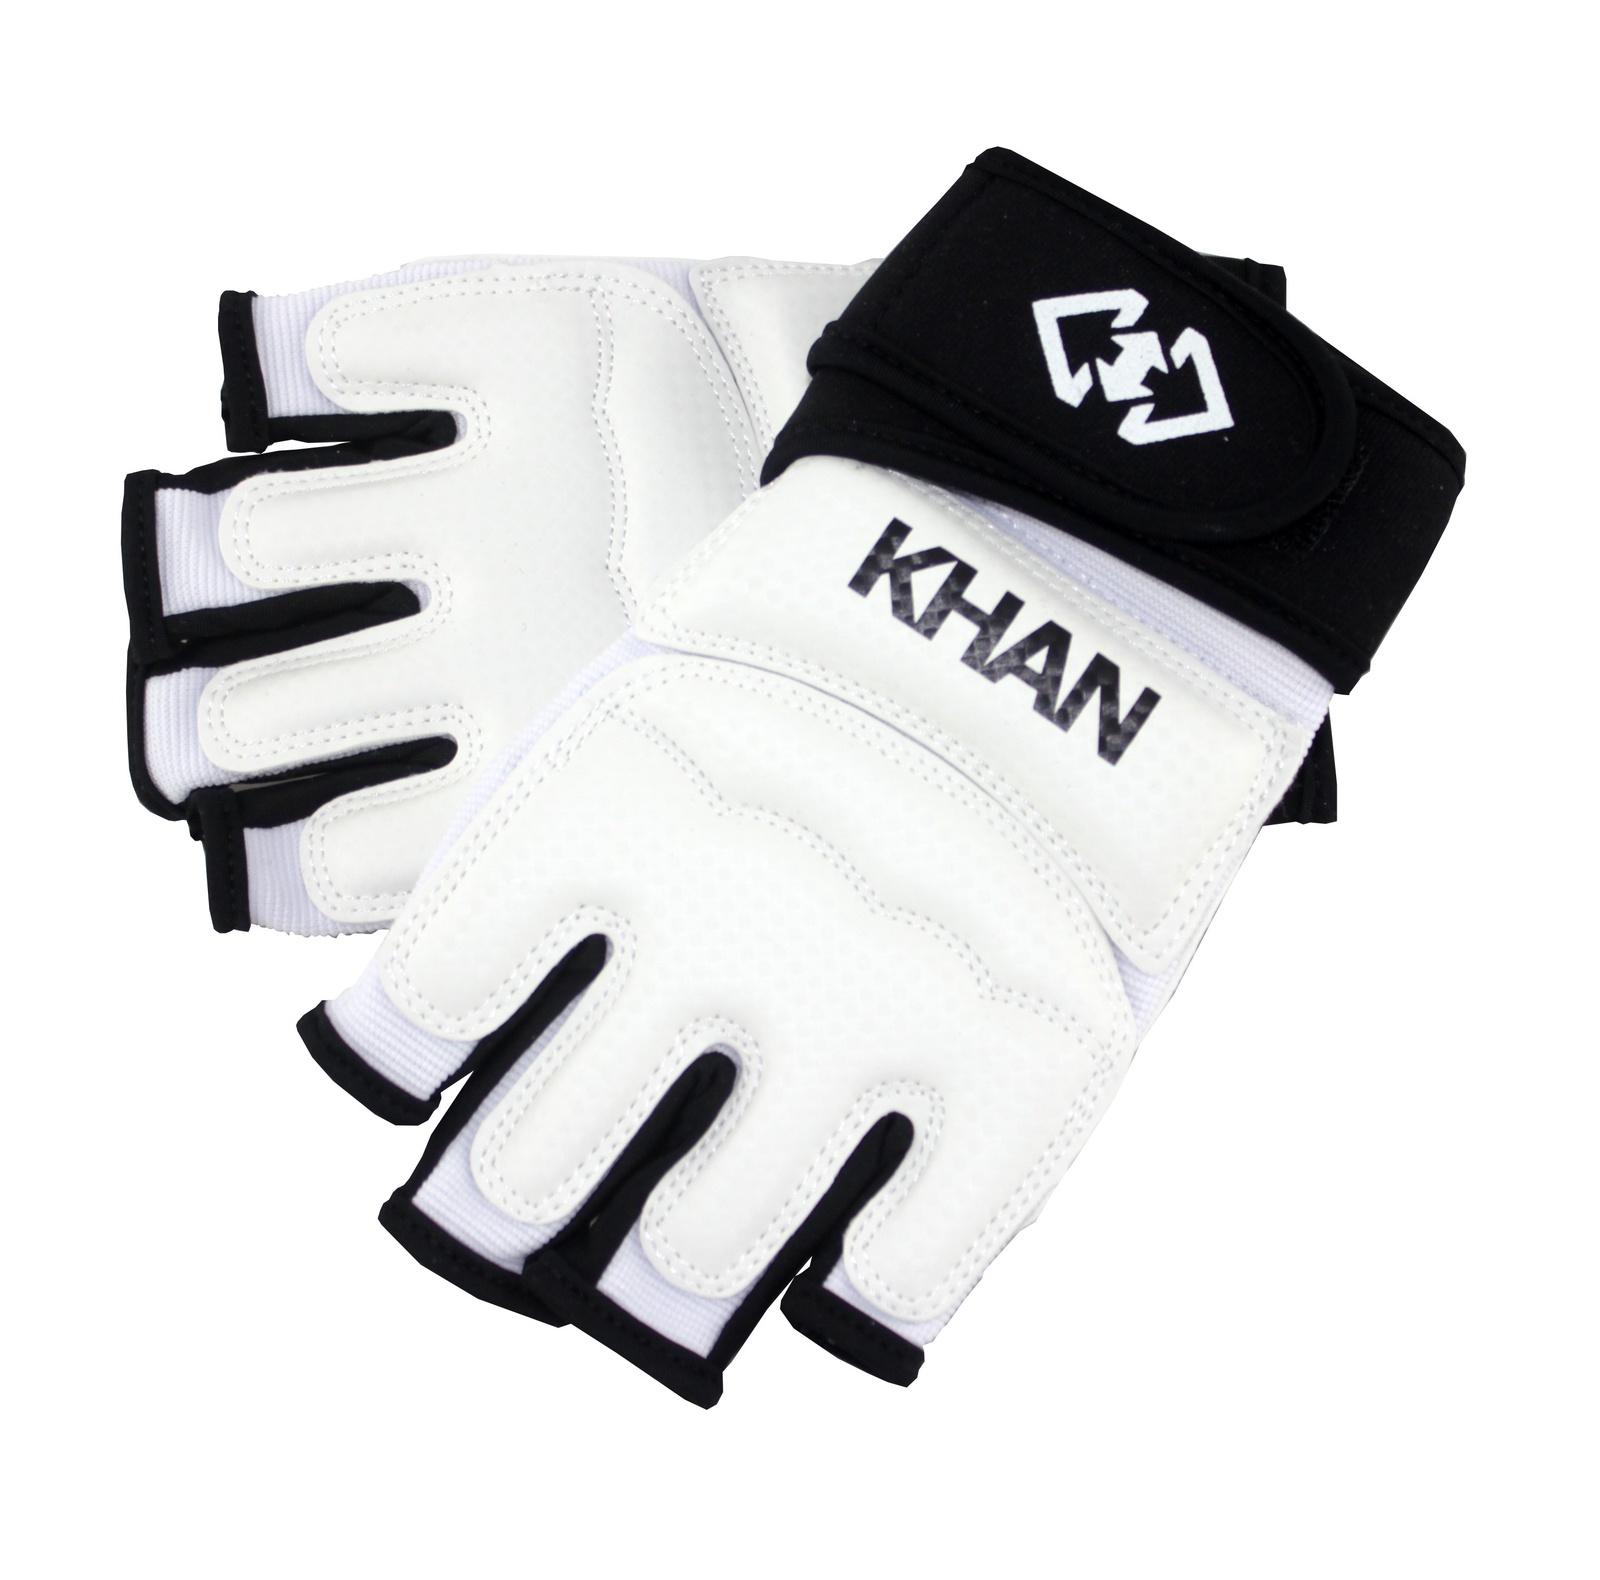 Защита кисти Khan WTF Club E12027_3, белый, размер M цена и фото